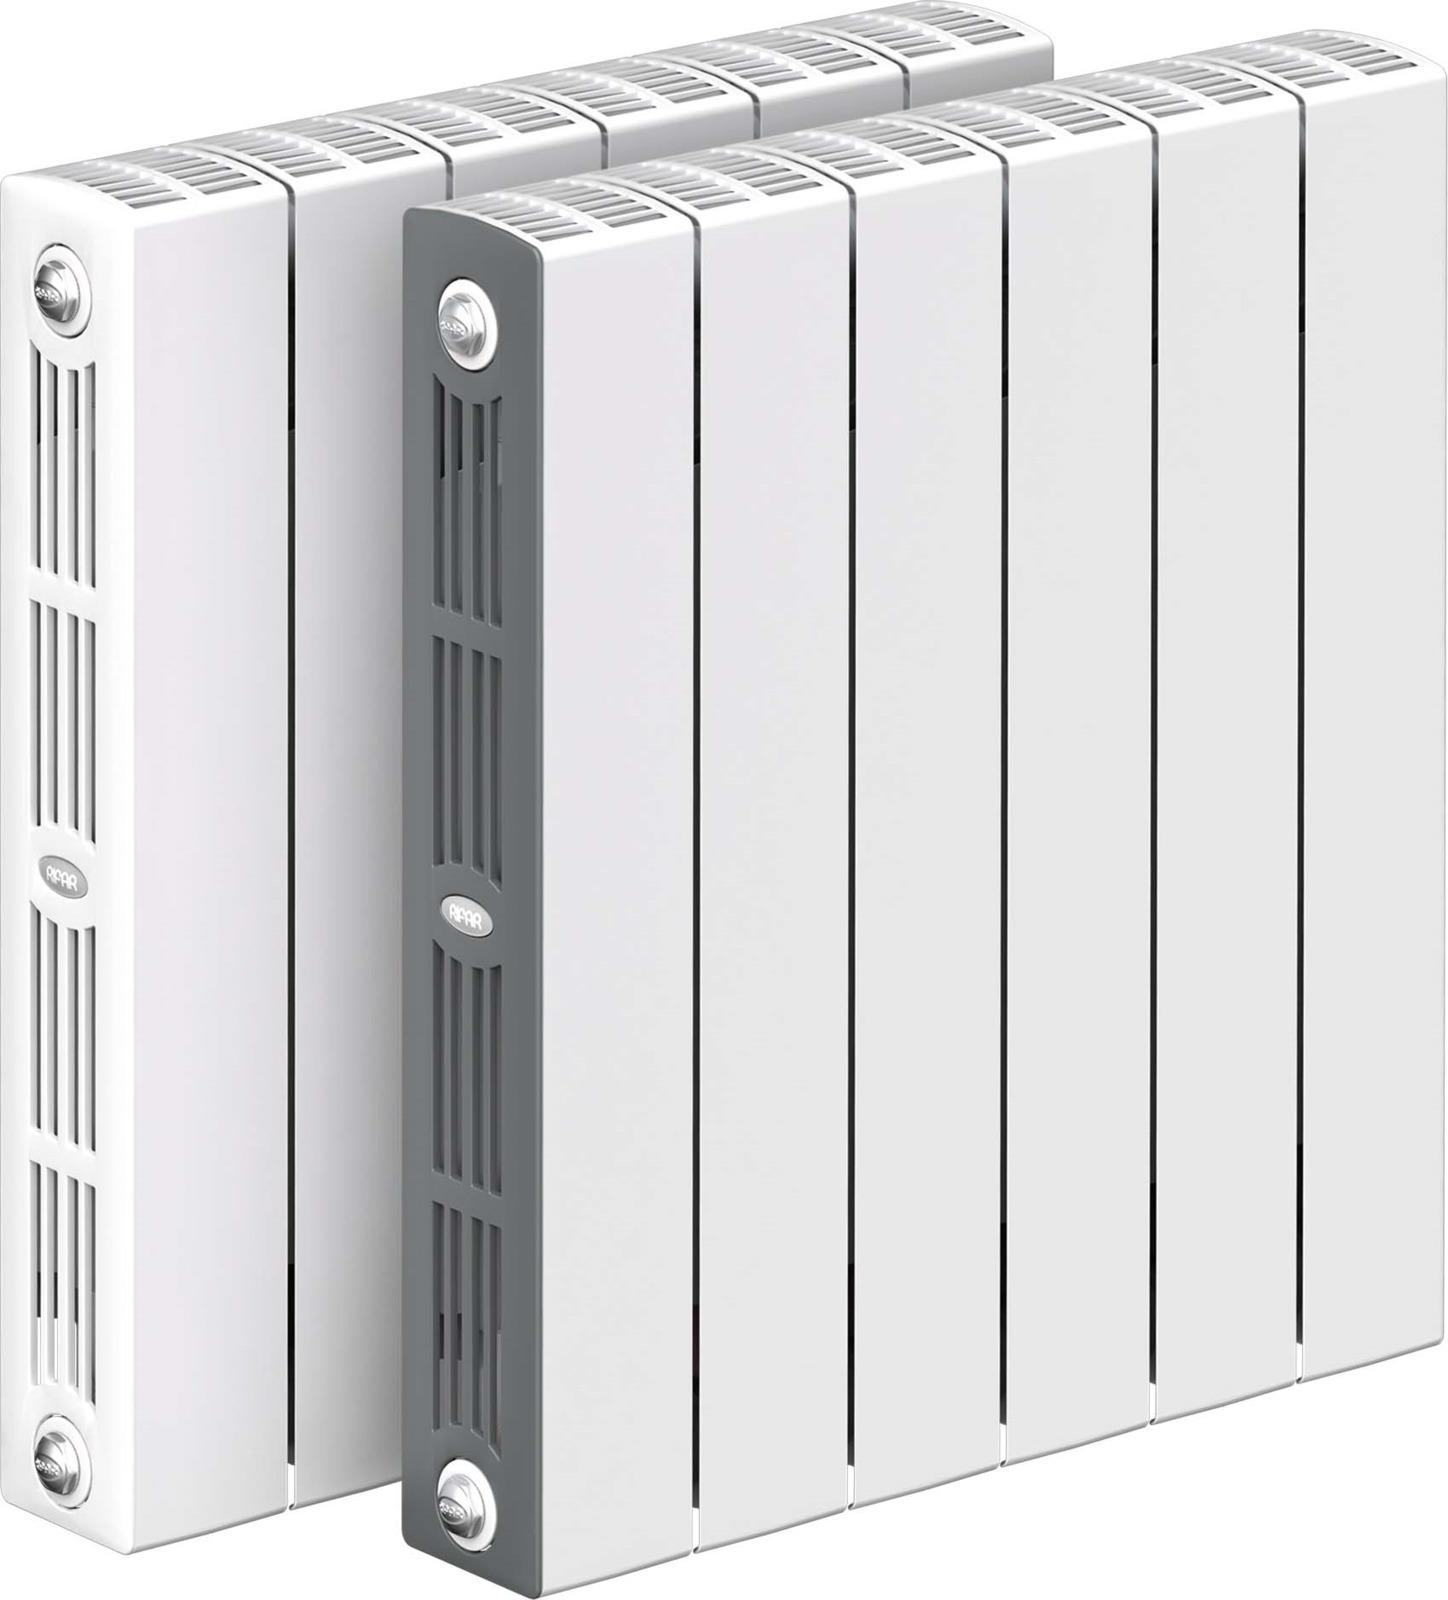 Секционный радиатор Rifar Supremo 350, биметаллический, RIFAR S 350-8, белый, 8 секций kermi profil k profil k fk o 12 400 400 радиатор стальной панельный боковое подключение белый ral 9016